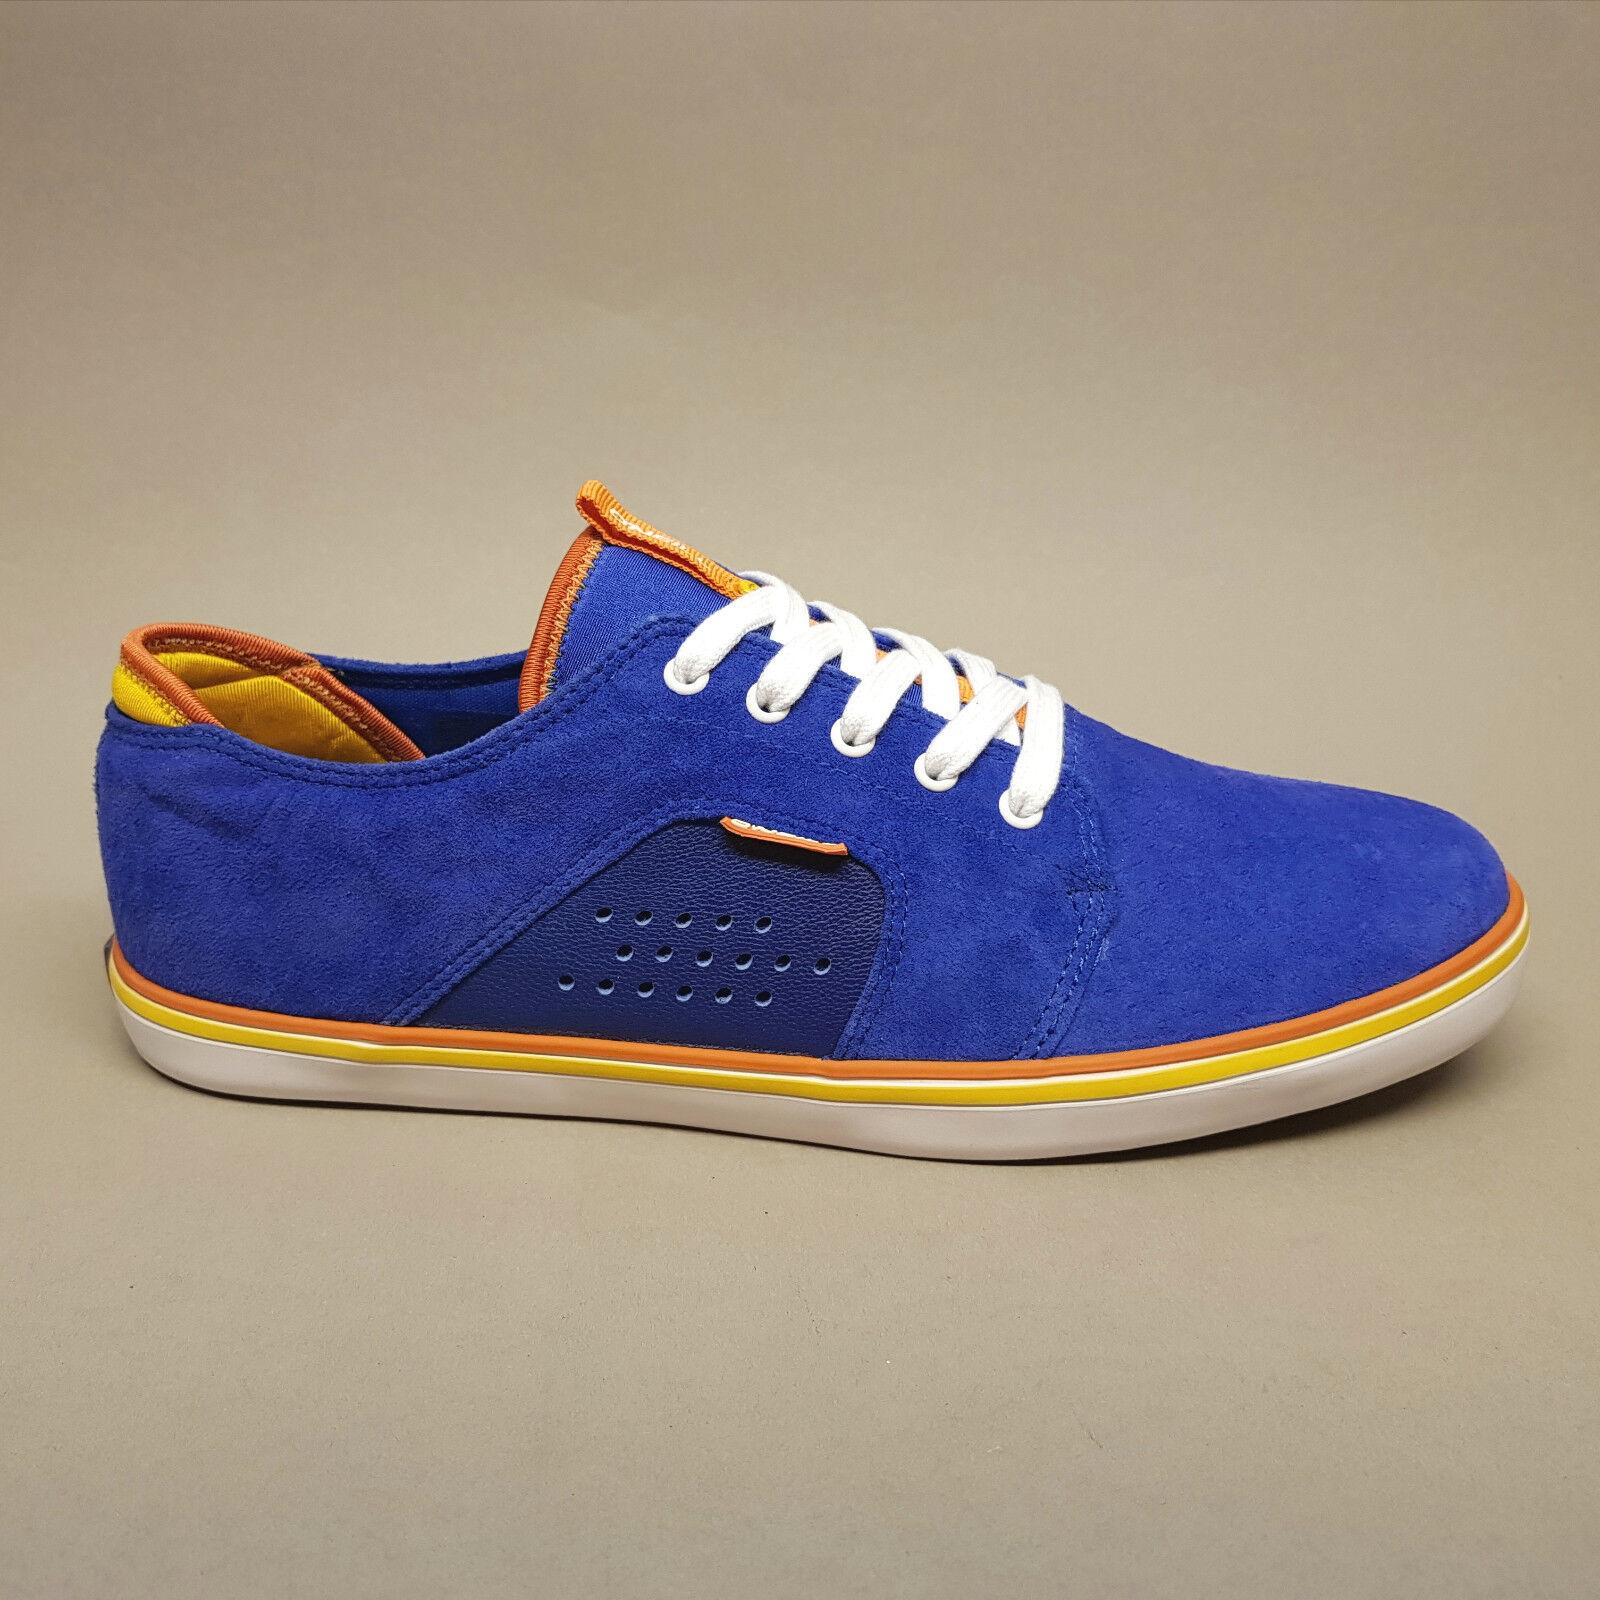 O'Neill Heat 59.1099.01 S42 Turnschuhe Sneakers Neon Blue lila/blau Wildleder